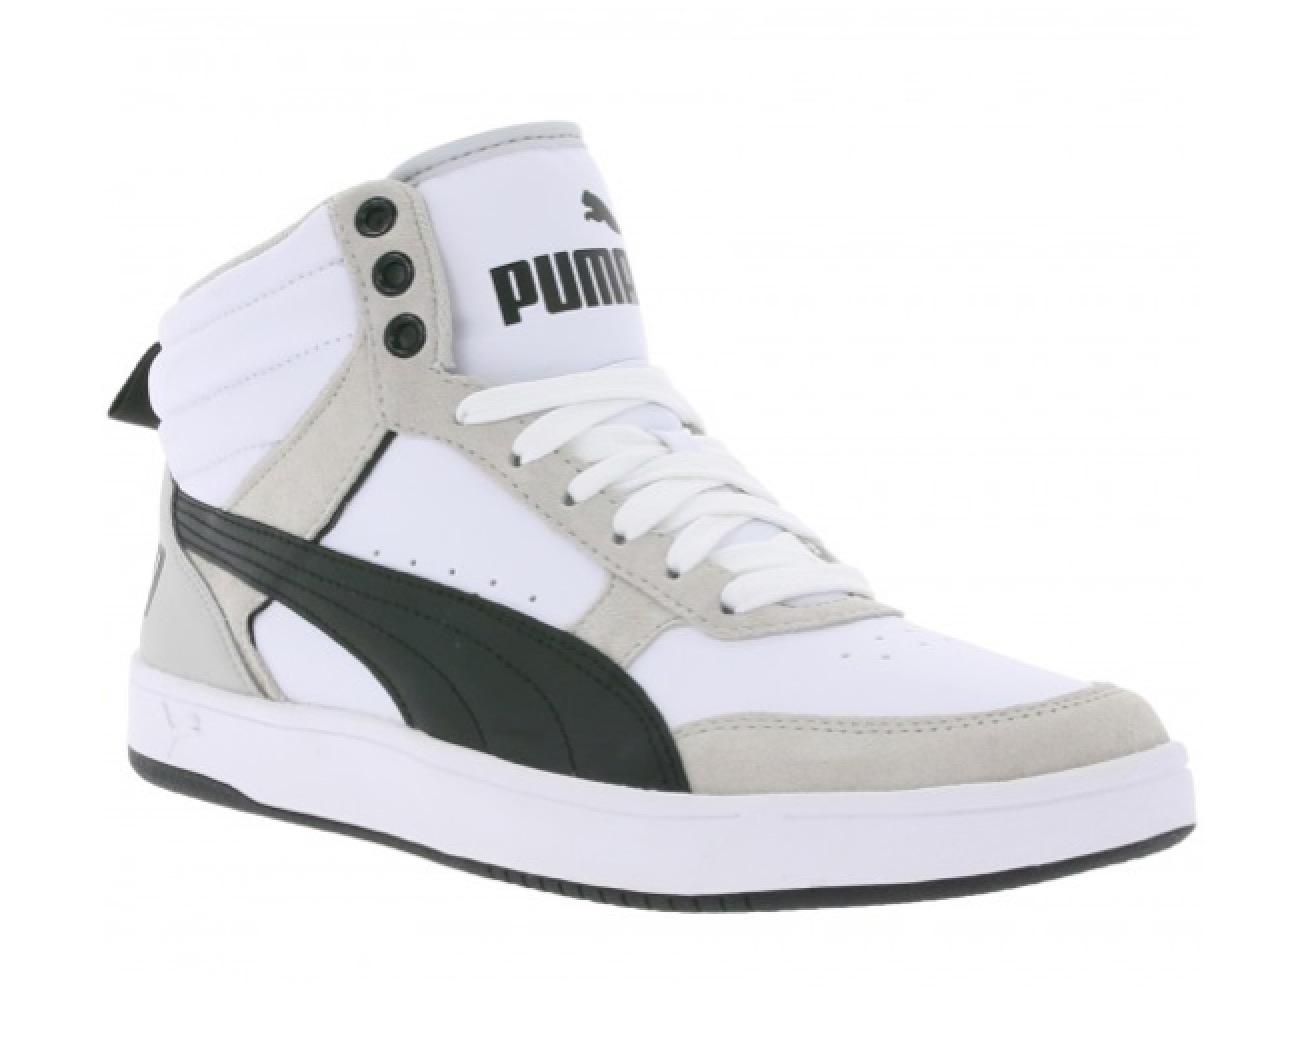 PUMA Herren Sneaker Rebound Street v2 (in Restgrößen) für nur 44,99 Euro inkl. Versand